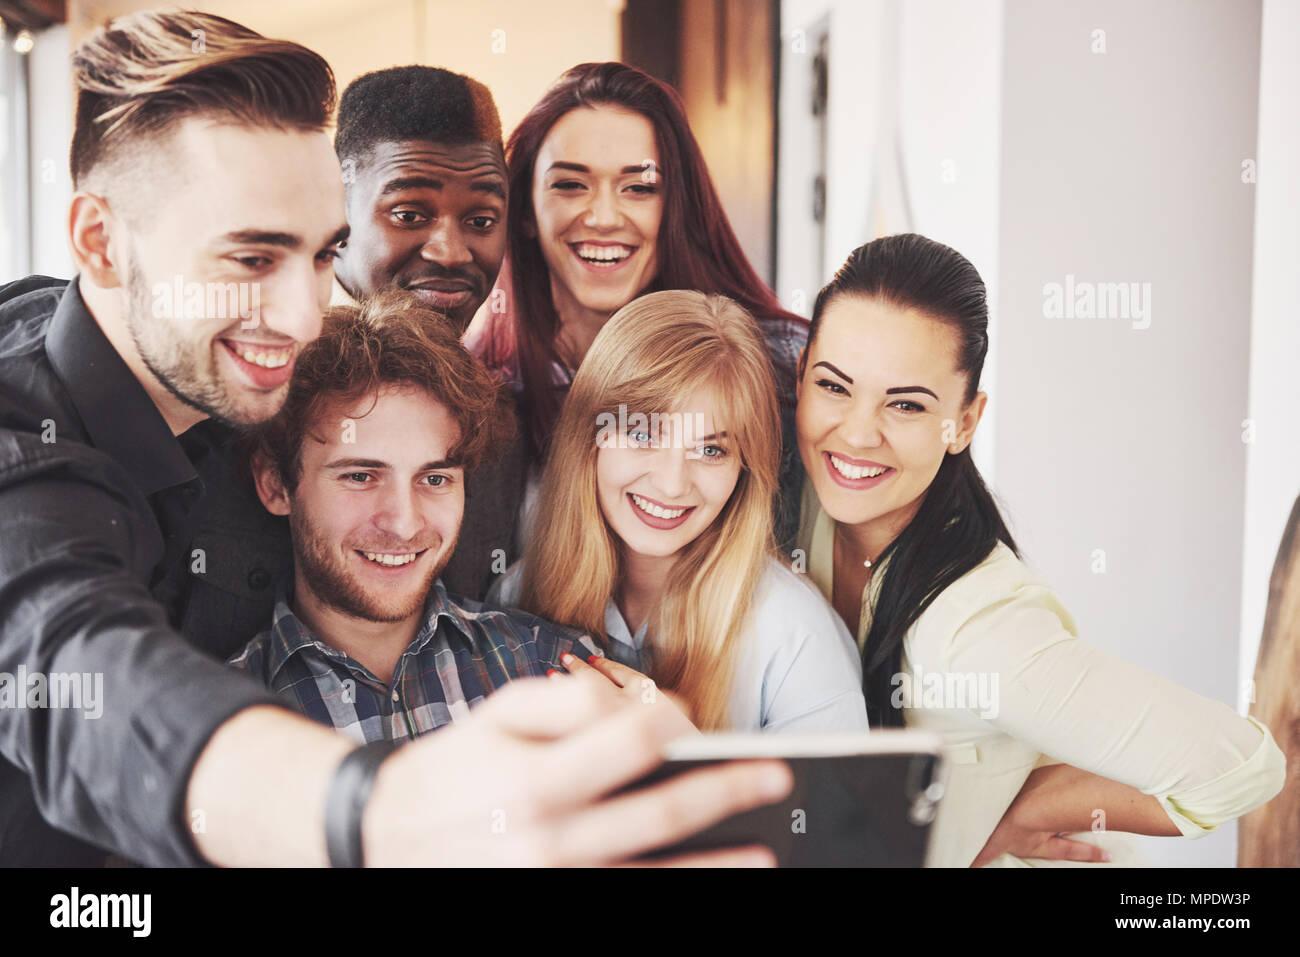 Amigos divirtiéndose en el restaurante.cuatro chicas y dos chicos haciendo selfie potable, hacer la paz firme y riendo. Mujer sosteniendo en primer plano en el teléfono inteligente. Vestir ropa casual Imagen De Stock